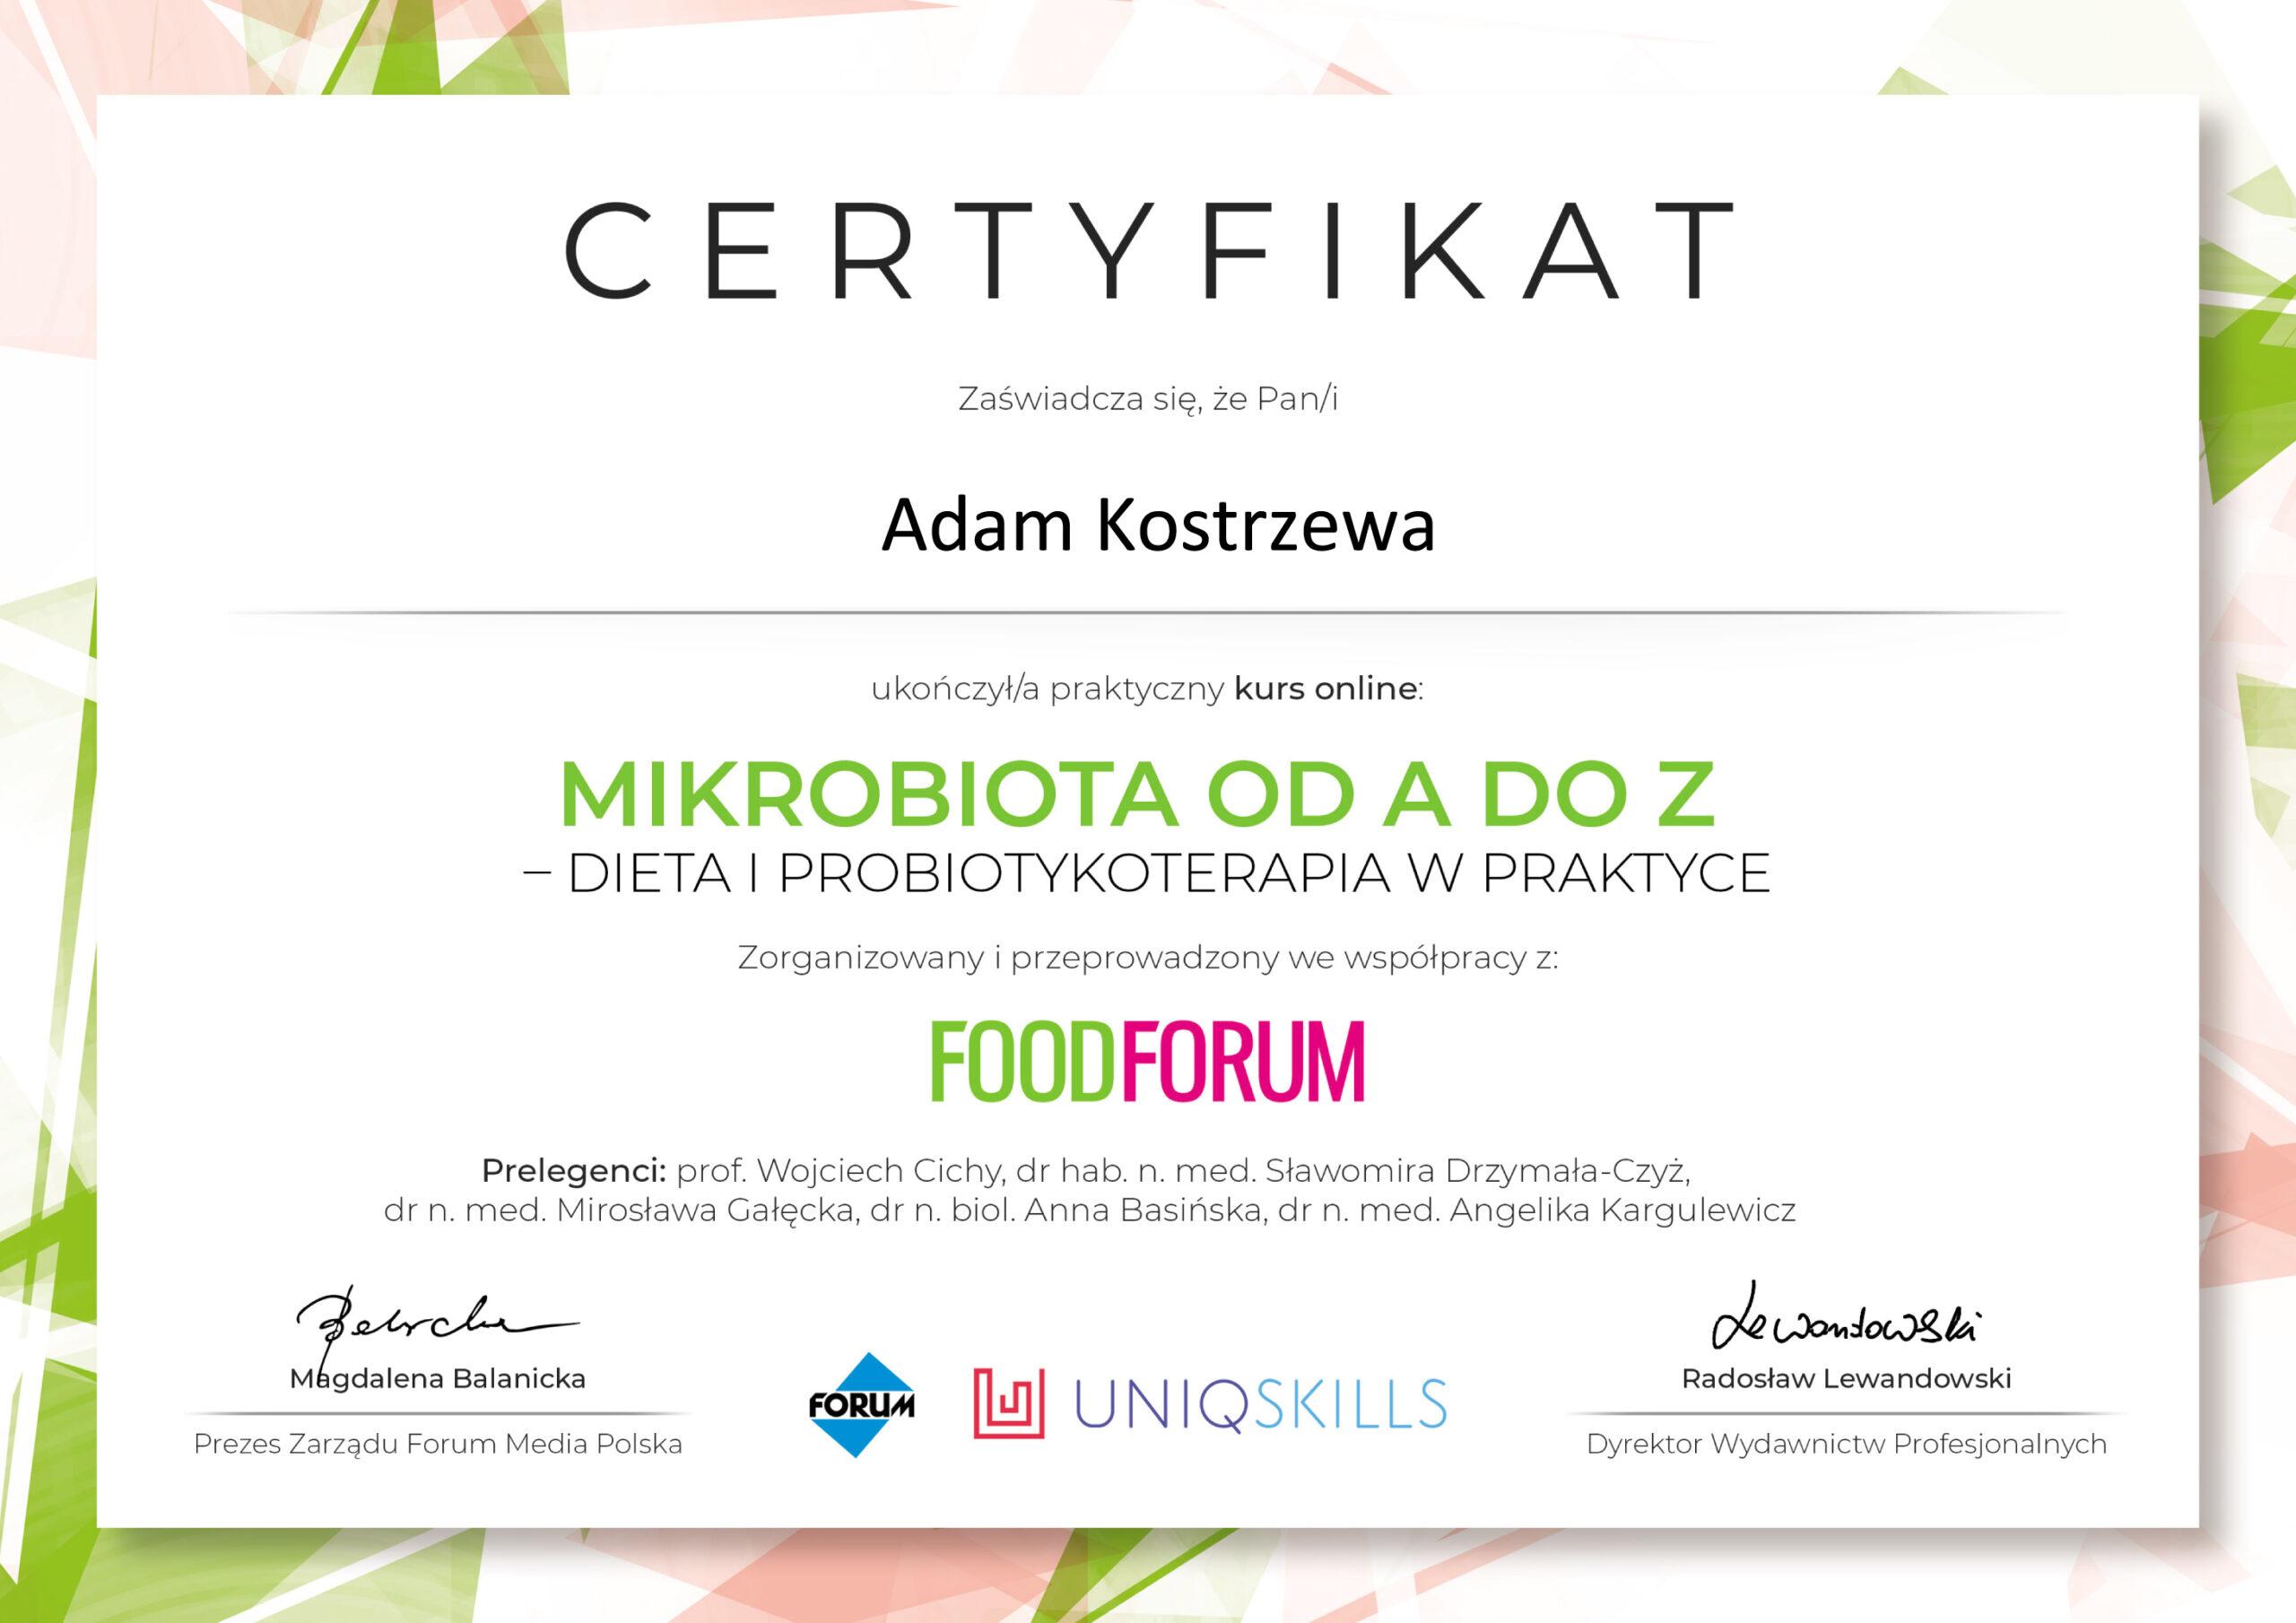 Certyfikat copy scaled